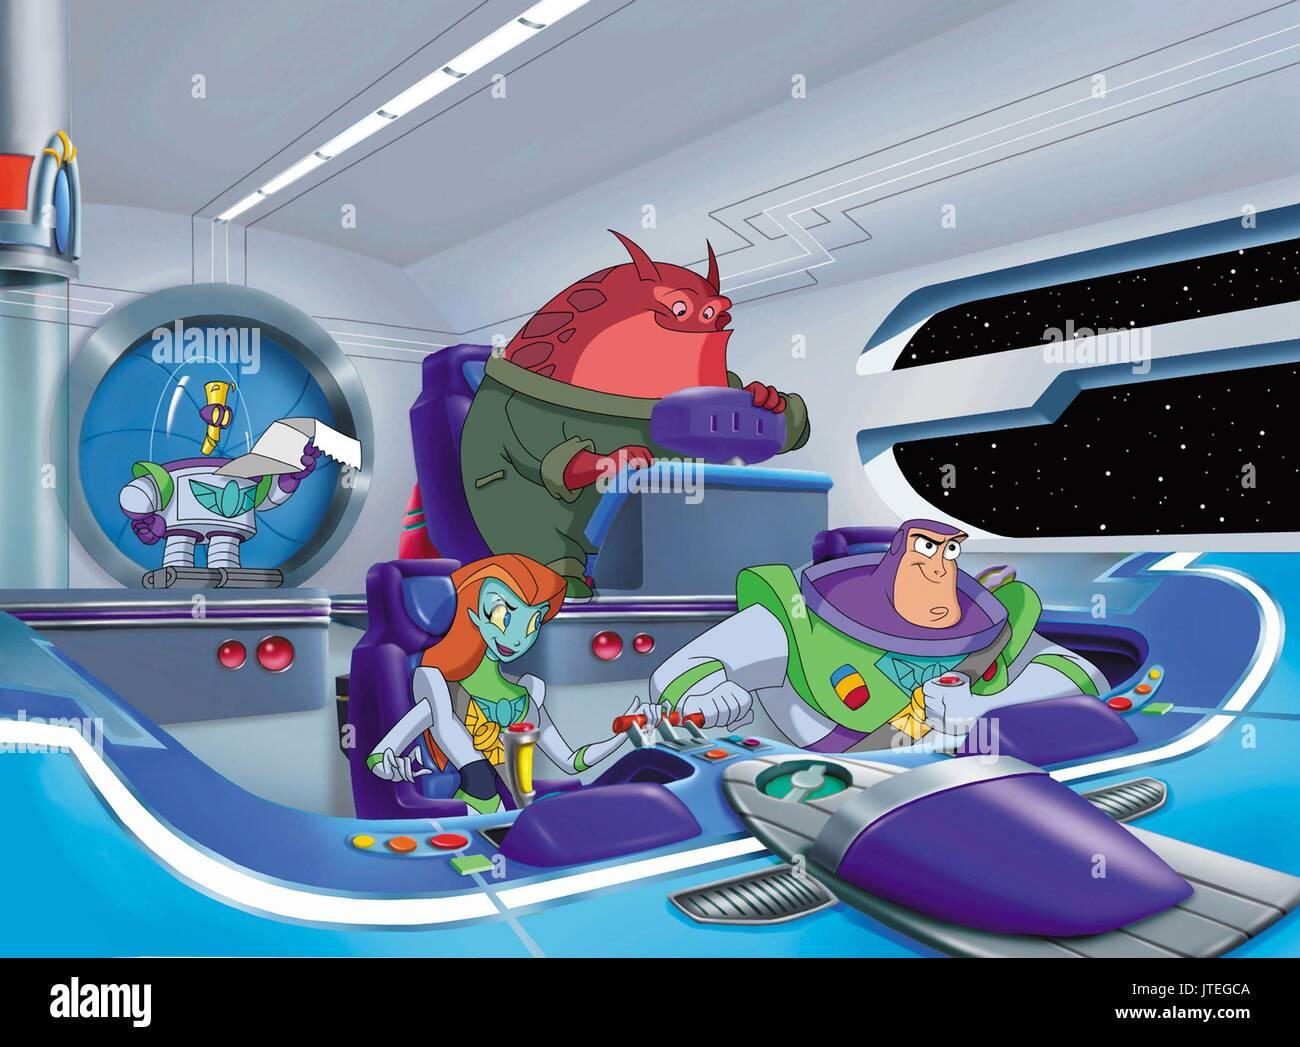 Buzz Lightyear Buzz Lightyear Of Star Command Stockfotos Buzz